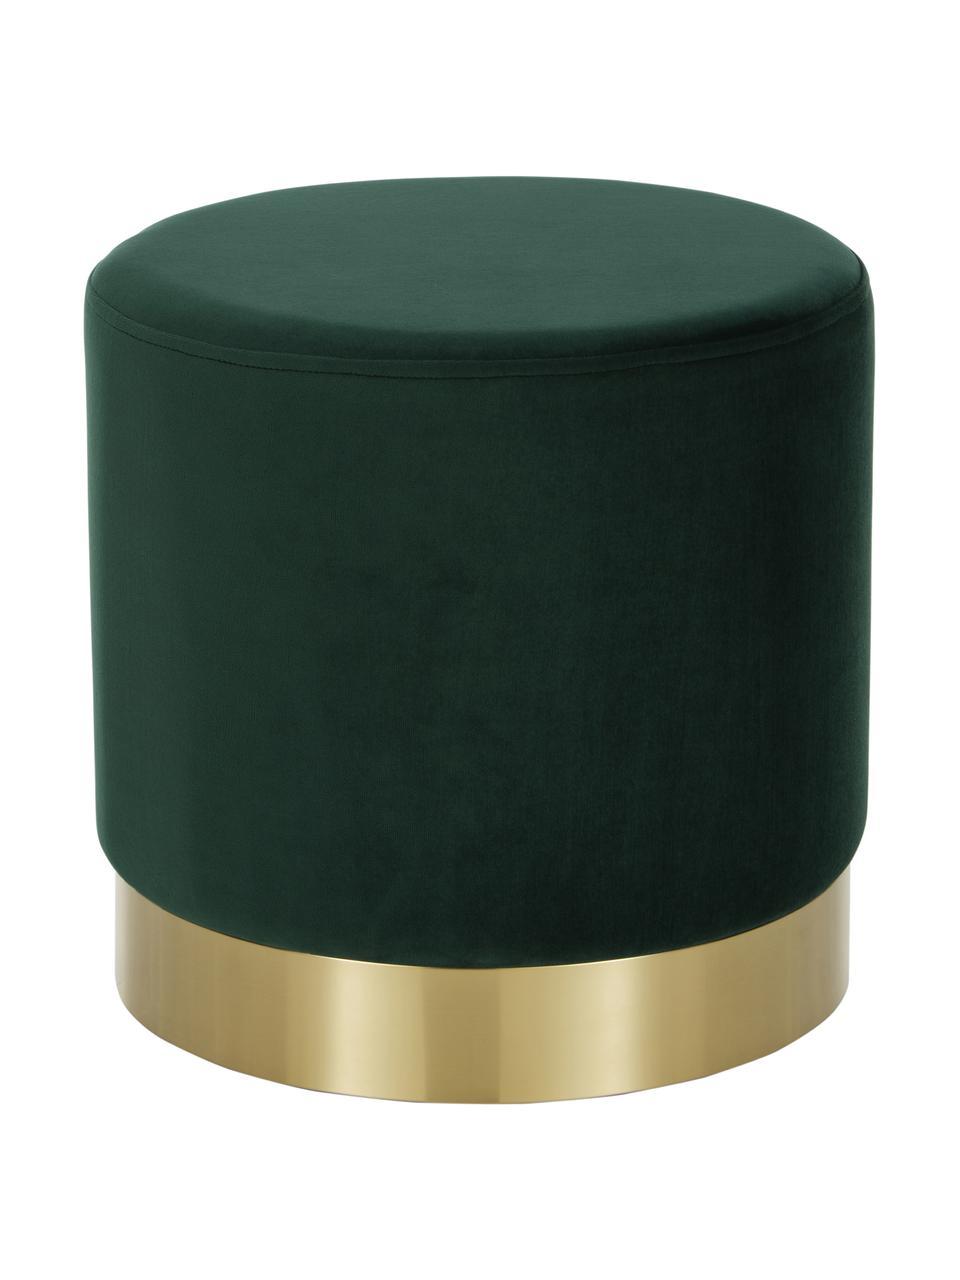 Tabouret velours Orchid, Revêtement: vert clair Socle: couleur dorée